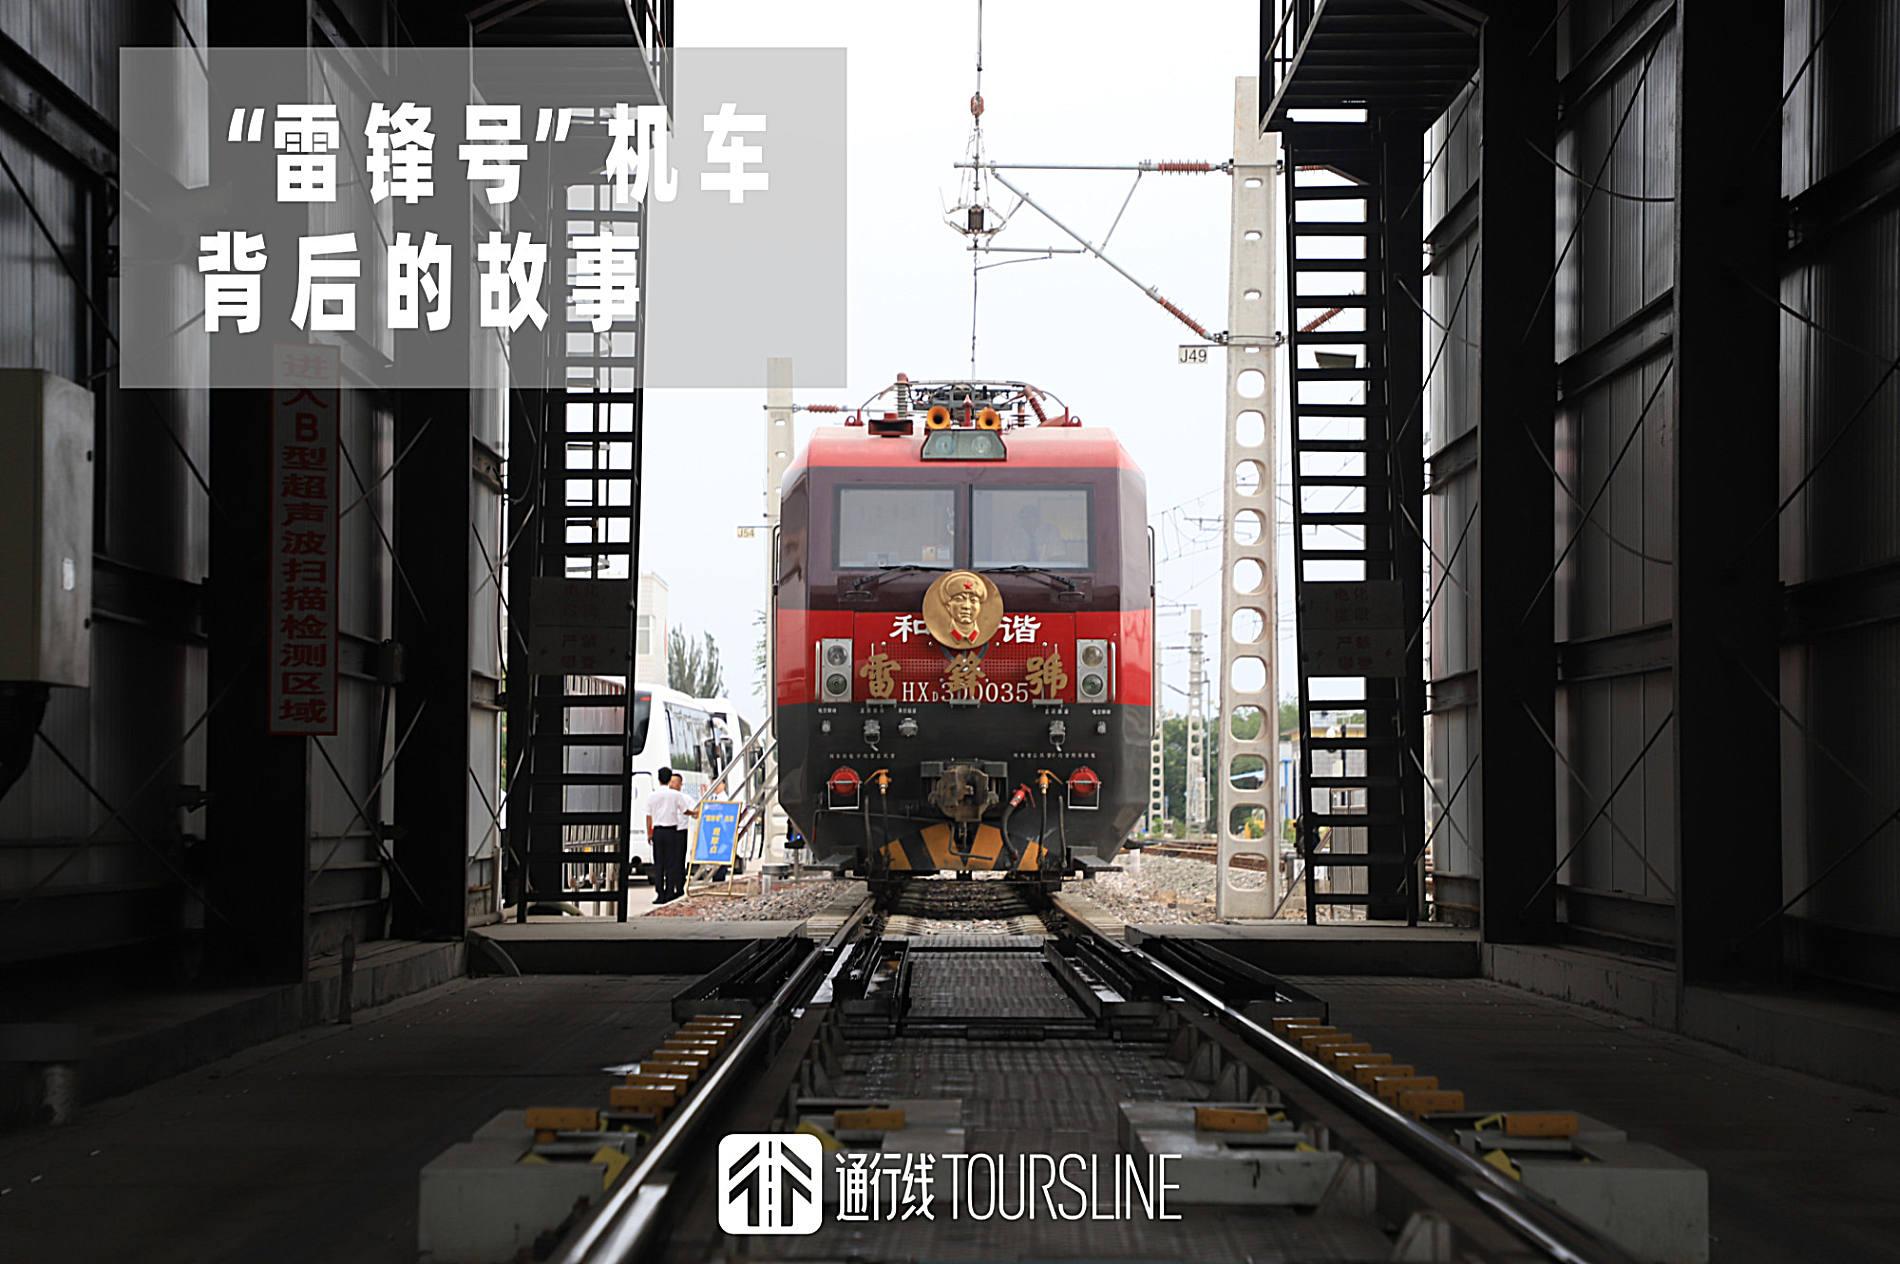 有一台火车头,身上具有雷锋精神!它背后的故事,竟如此精彩……